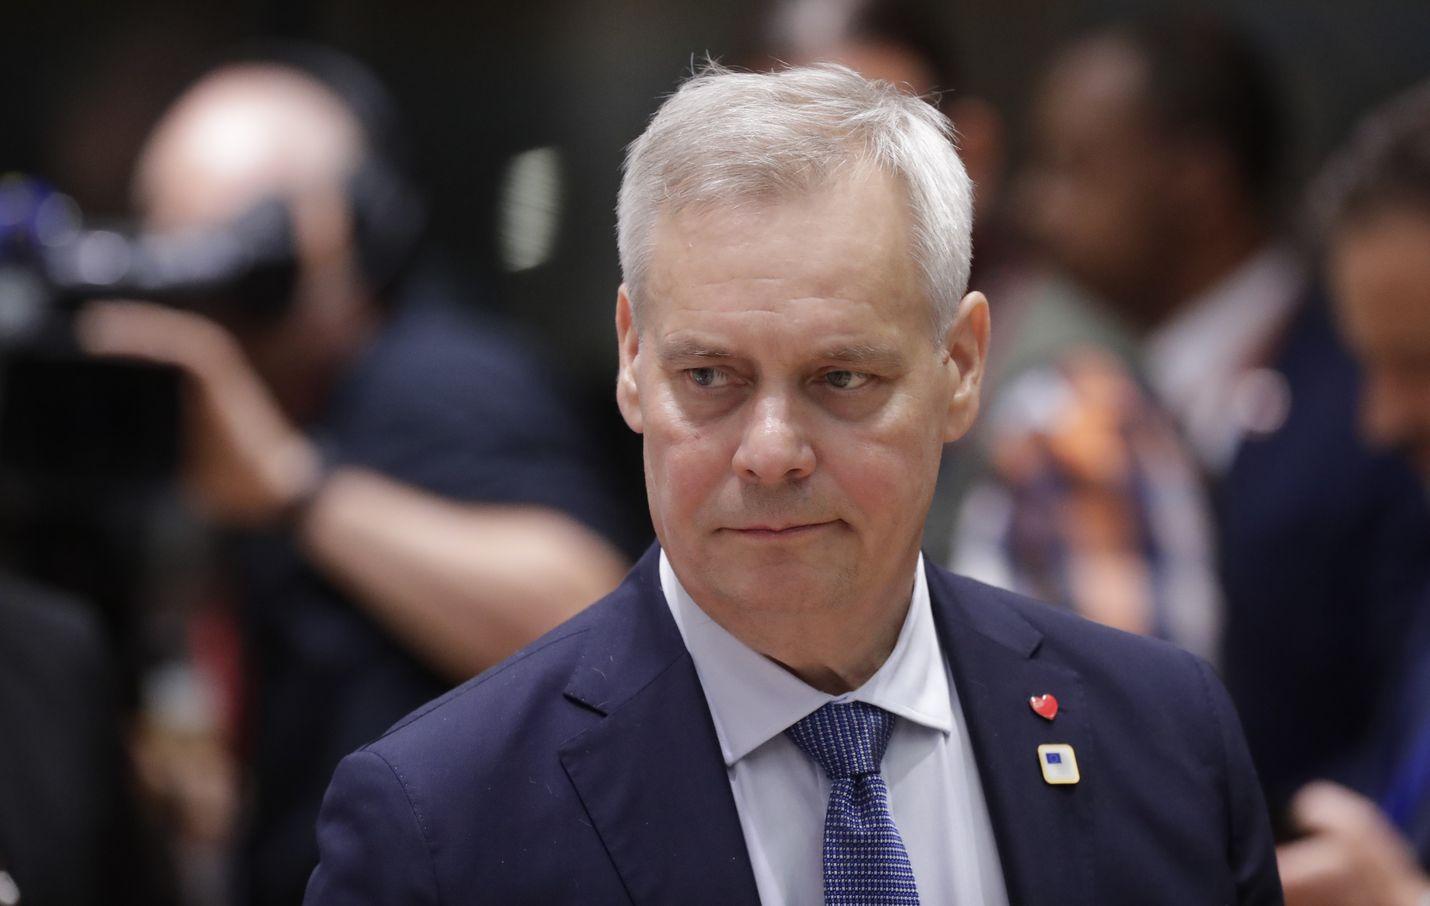 Pääministeri Antti Rinne toivoo, että Posti löytäisi sovun palkkakiistaan. Hän pohtii rahallisen kertakorvauksen antamista työntekijöille.